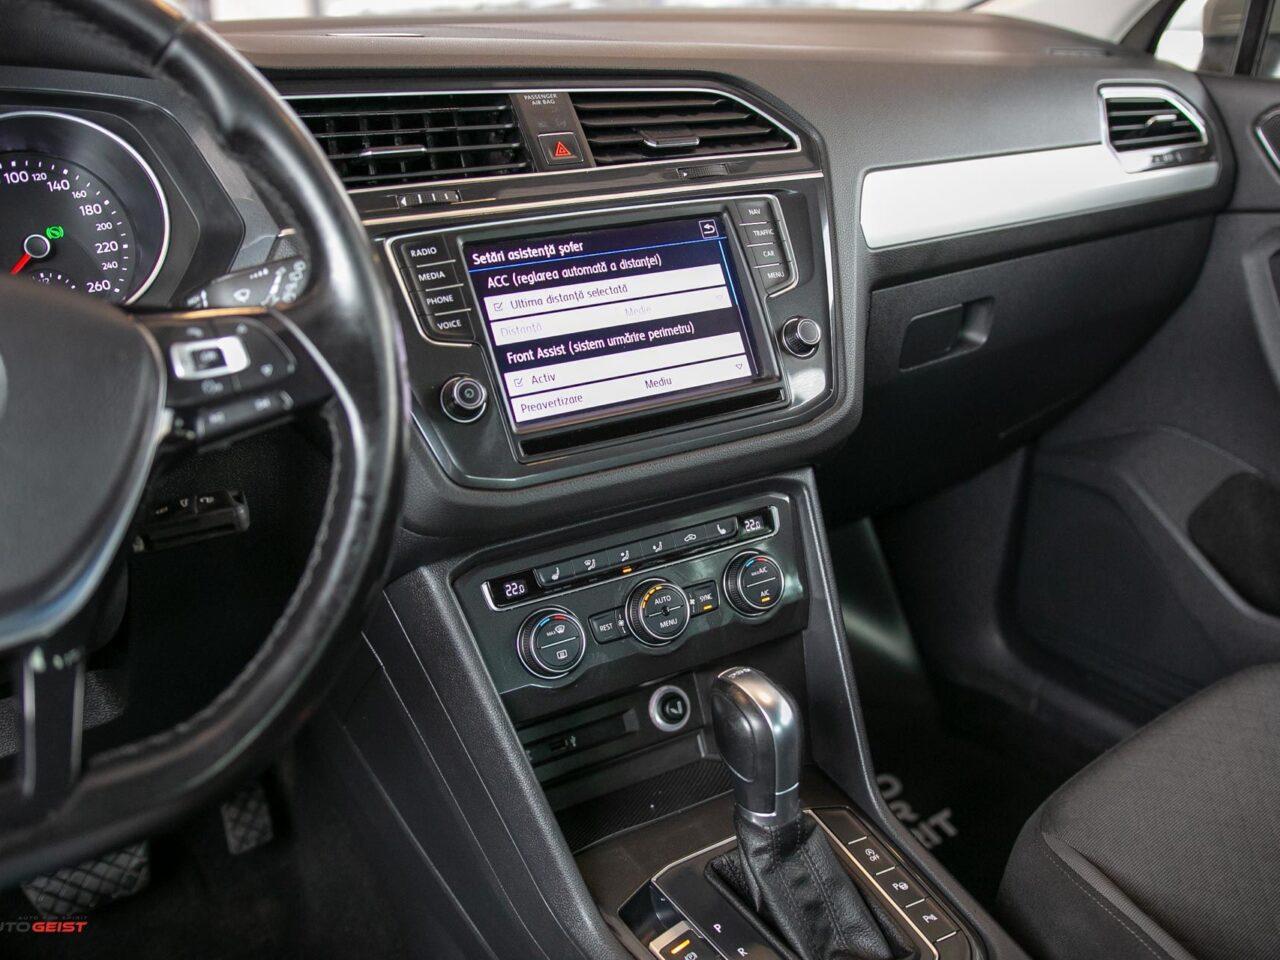 VW-Tiguan-9982